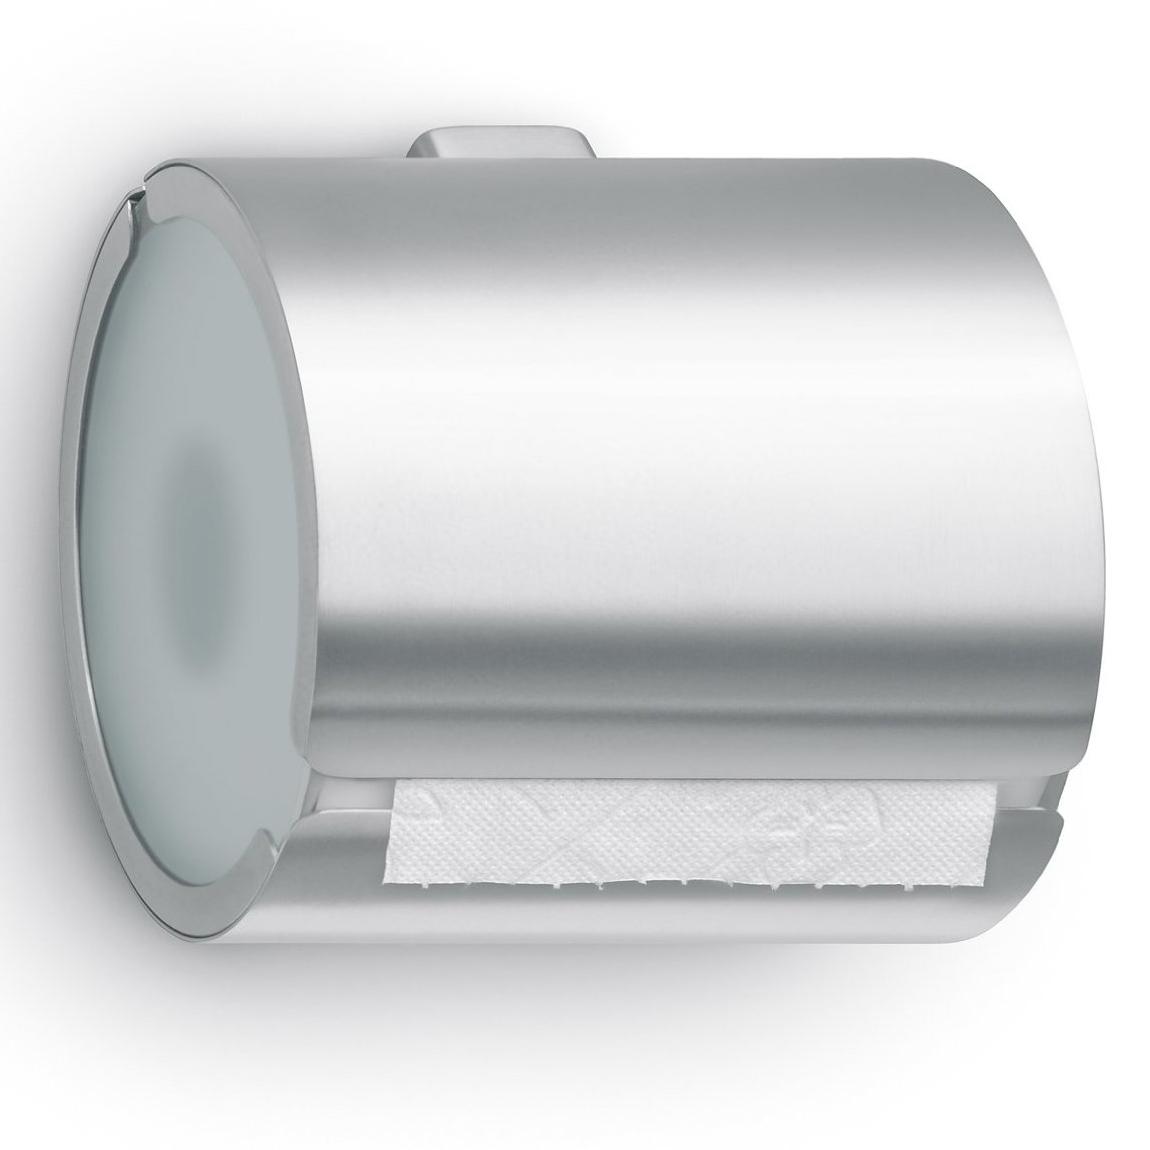 blomus toilet paper holder in toilet paper holders - blomus toilet paper holder image